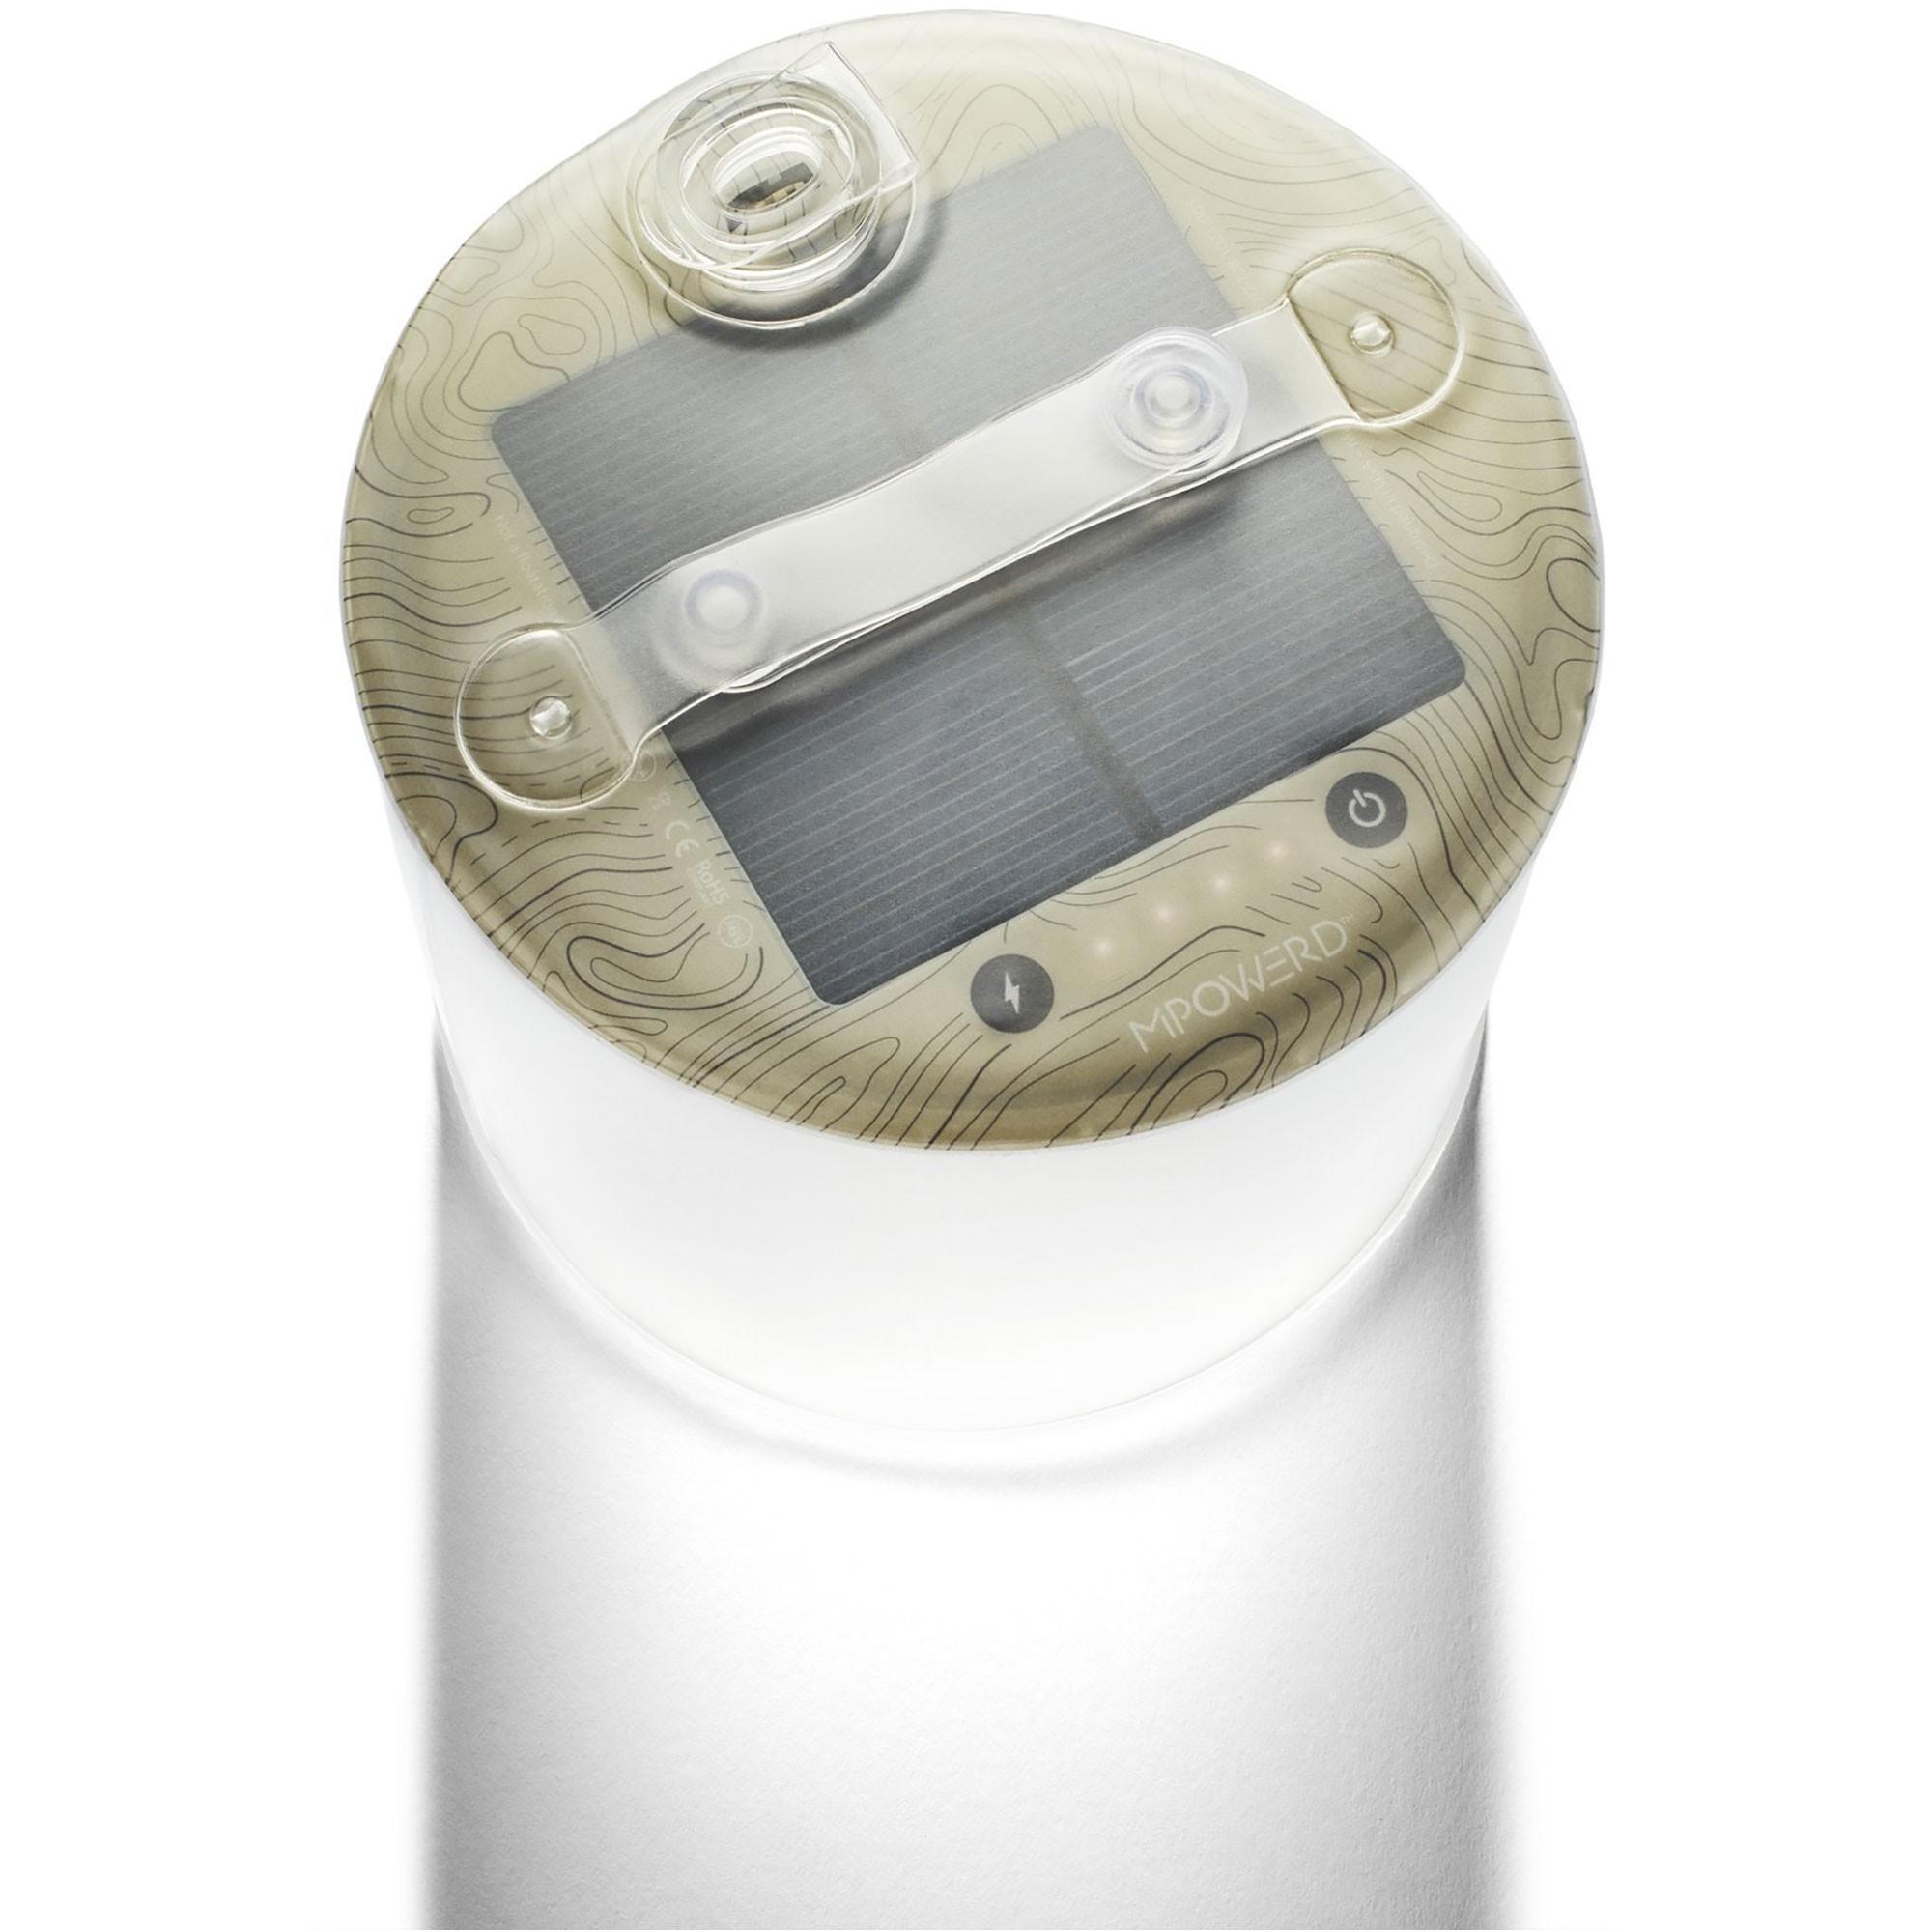 Luci Pro Lux Solar Lantern Recharger